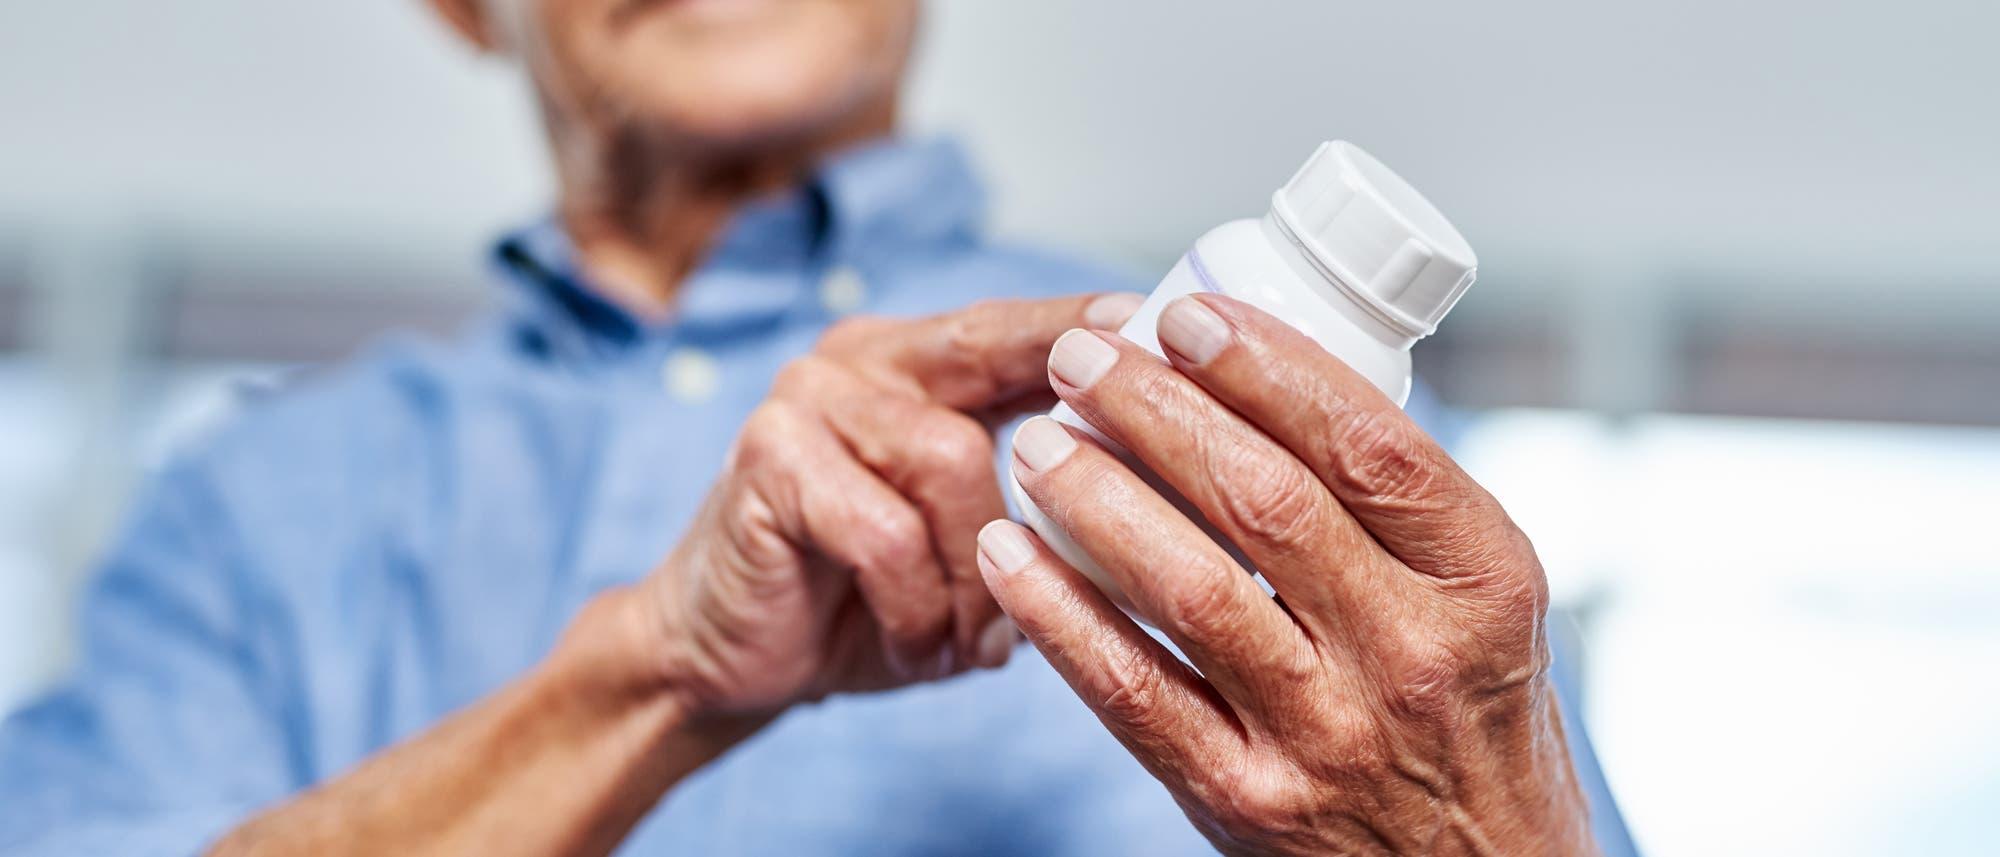 Ein Mann liest die Beschreibung der Inhaltsstoffe eines Medikaments.